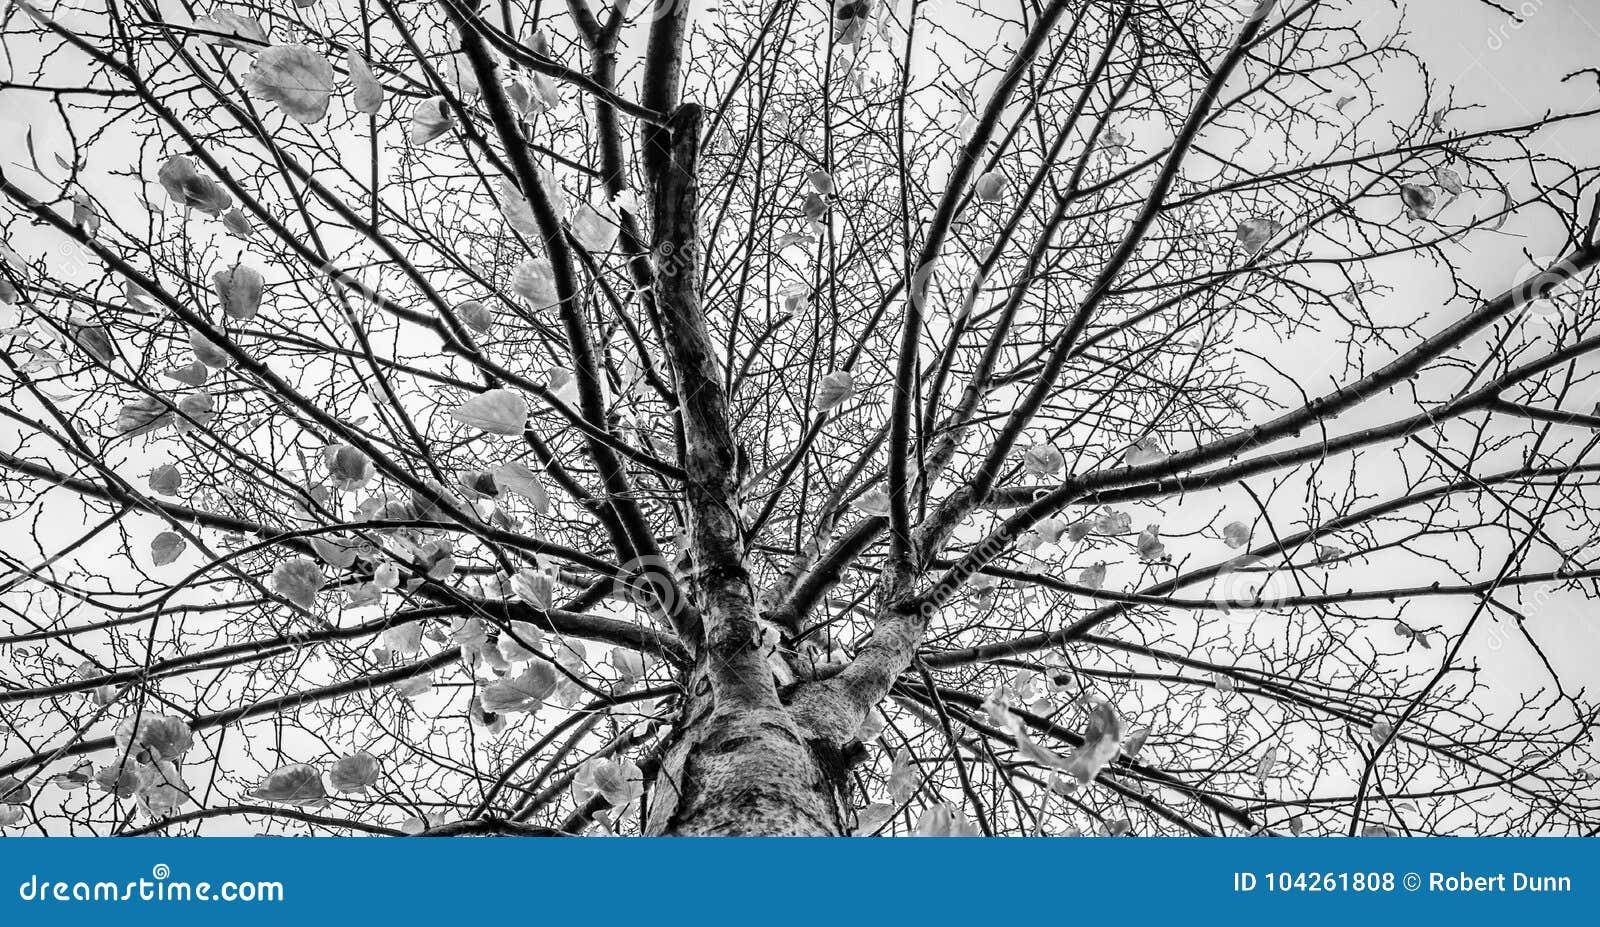 Czarny i biały nagich drzew fotografii sztuki abstrakcjonistyczny rozłam tonuje